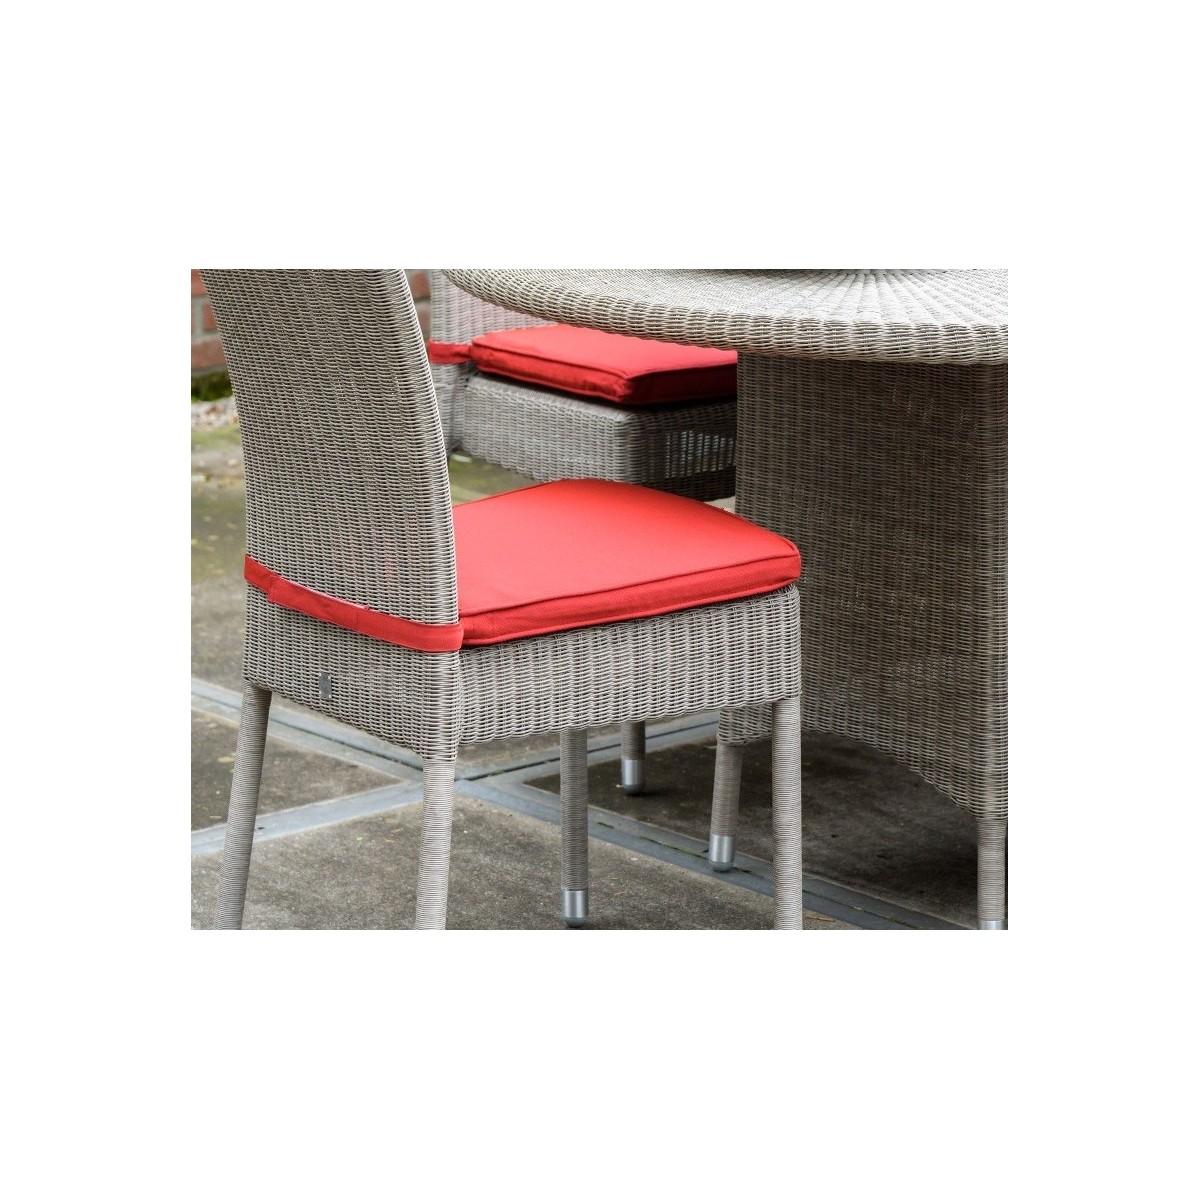 Coussin de chaise isabelle en r sine coloris rouge - Coussins de chaises dehoussables ...